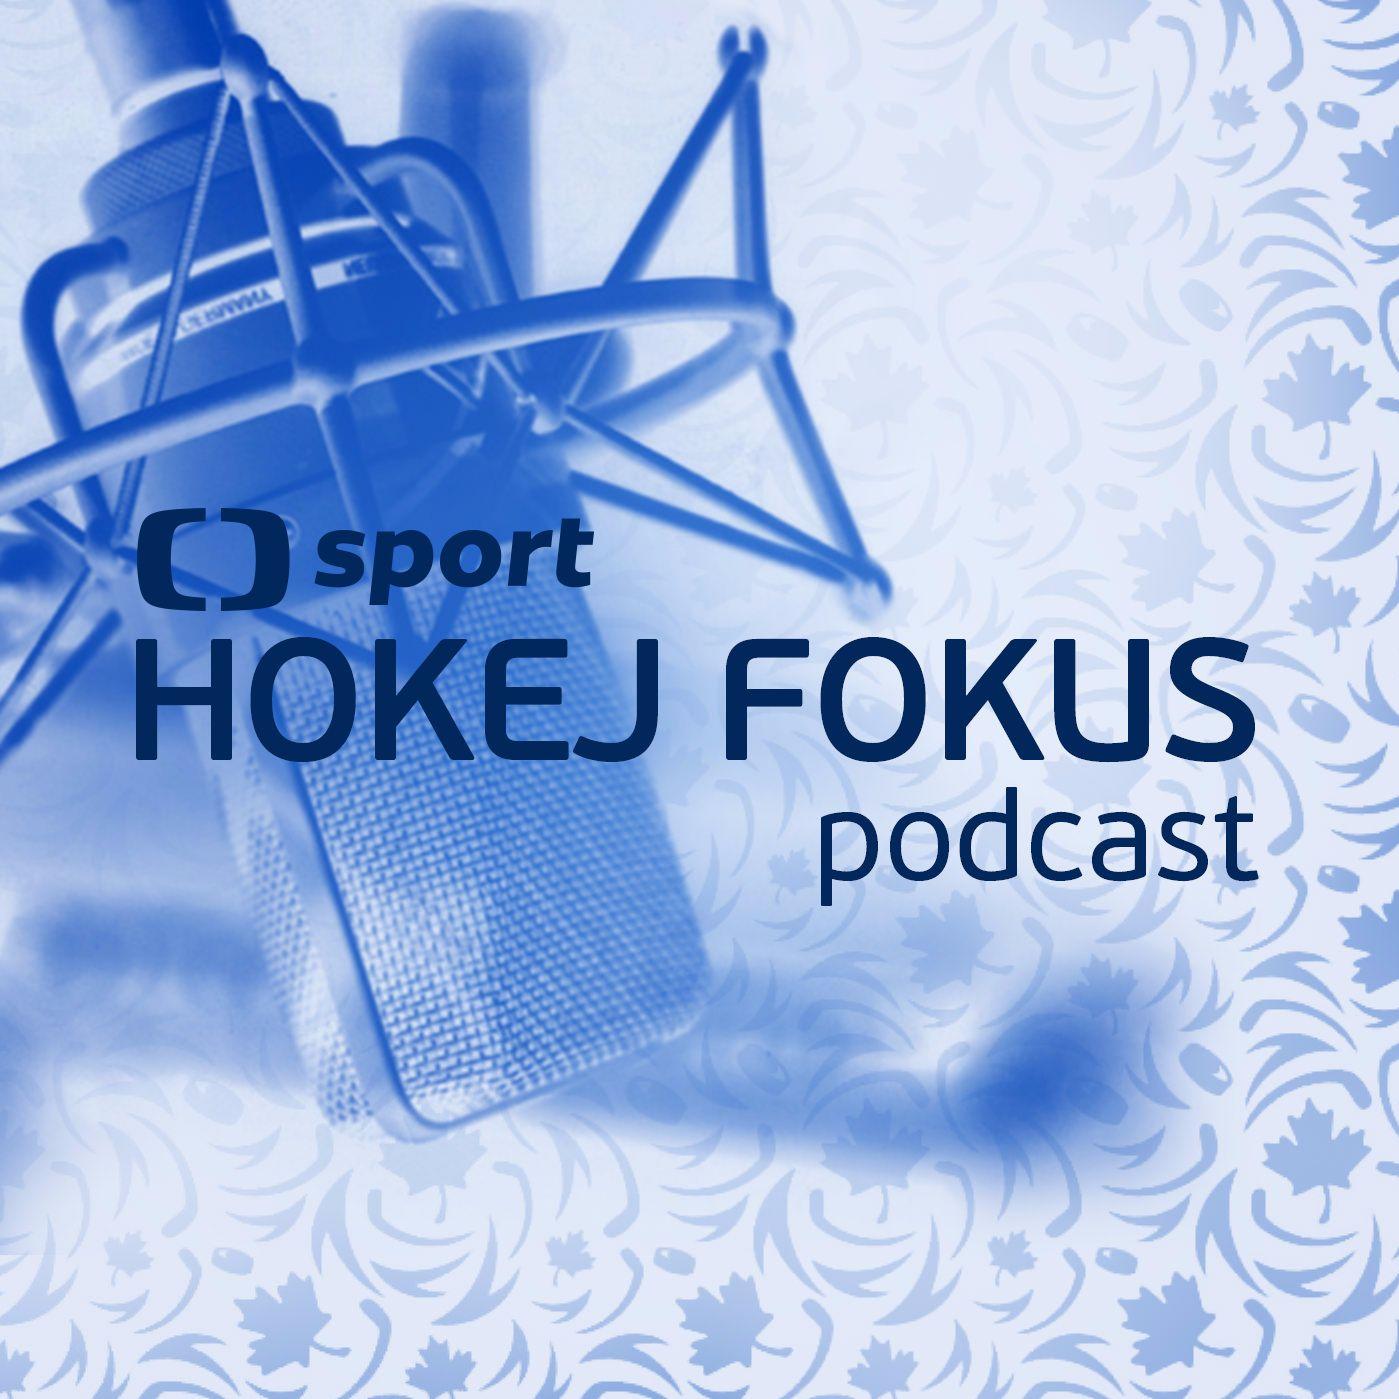 Hokej fokus podcast: Co může za nezdar českého týmu na Světovém poháru?